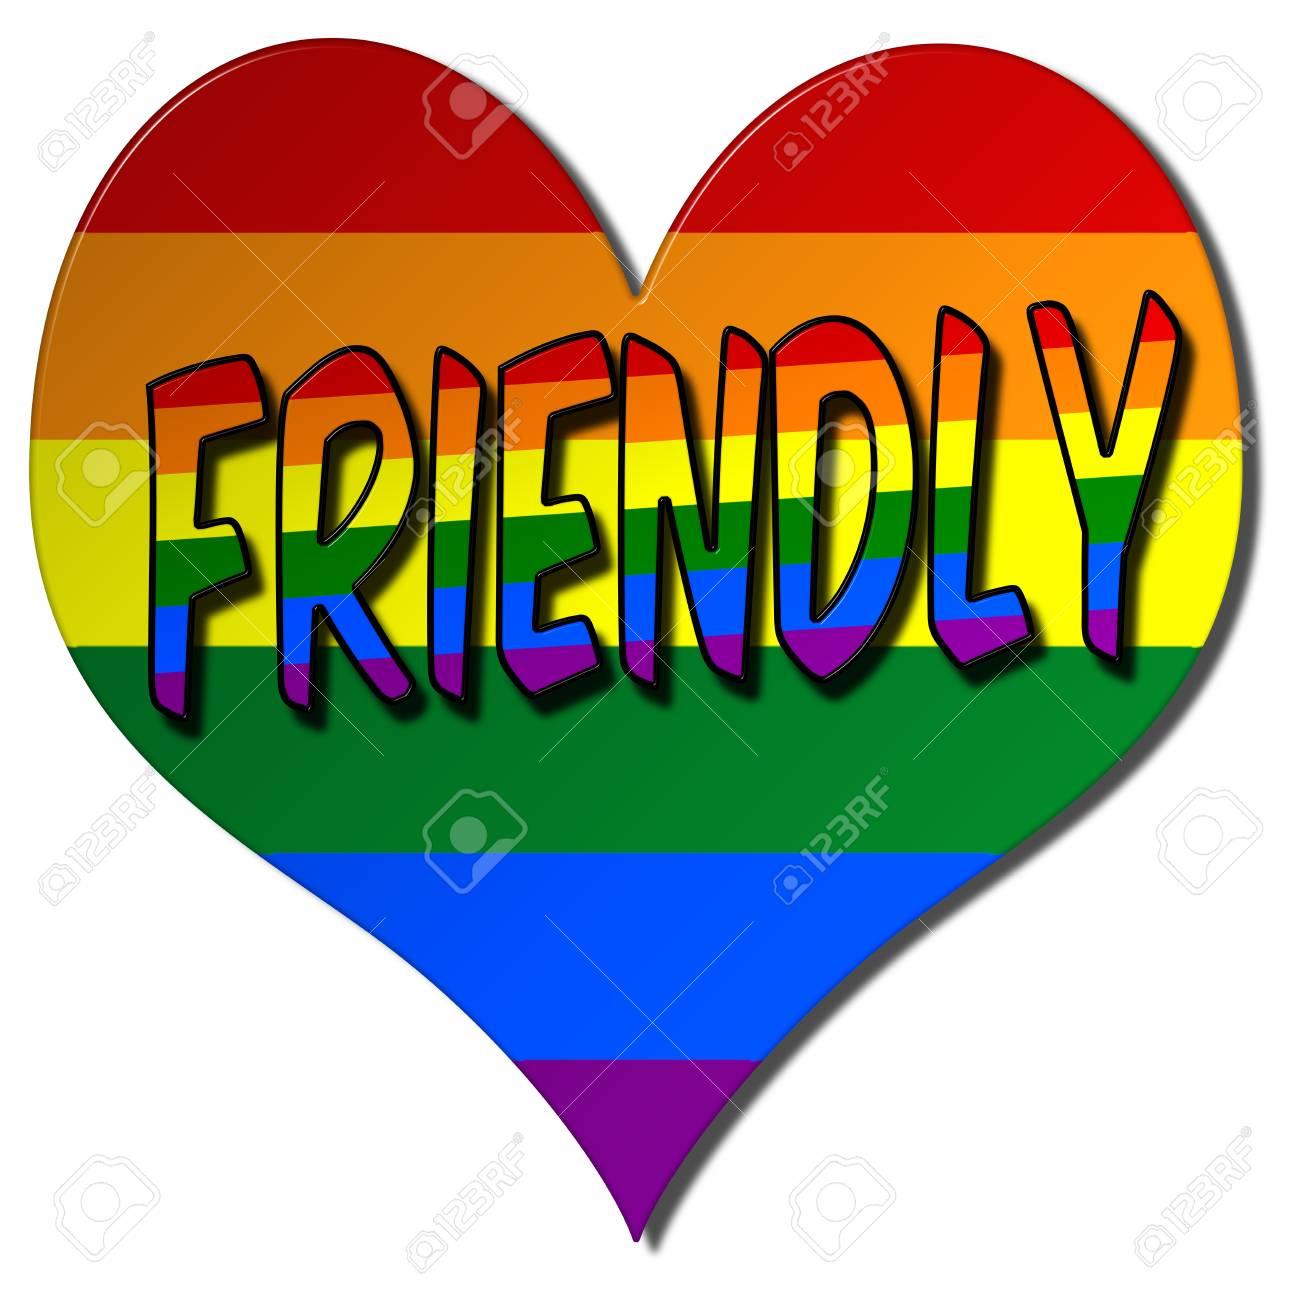 Nessun segno fino sito di incontri gay